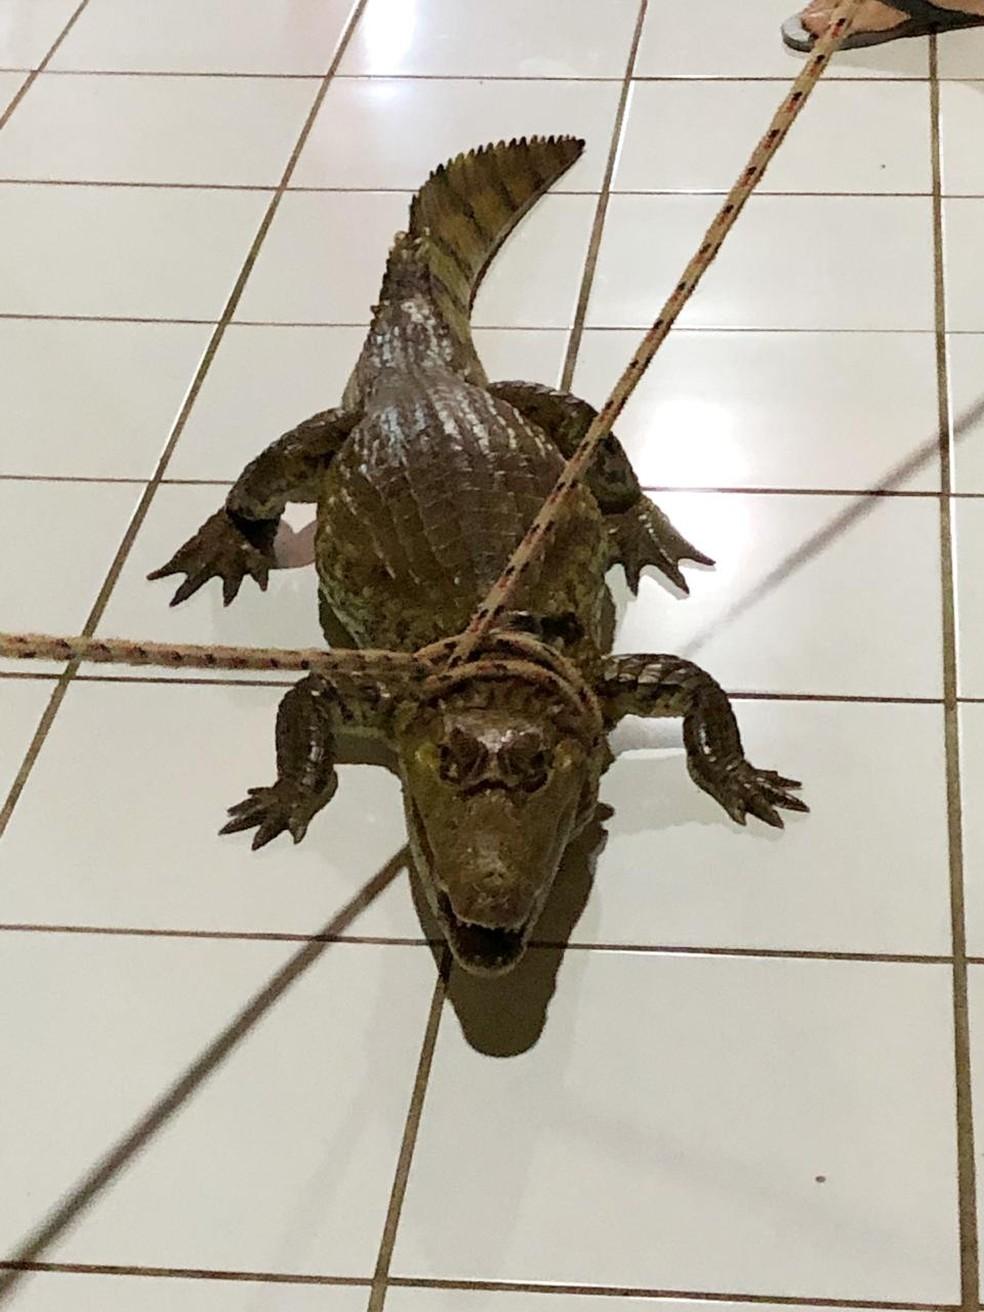 Com ajuda de corda, animal foi imobilizado para ser levado de volta à natureza  — Foto: Arquivo pessoal